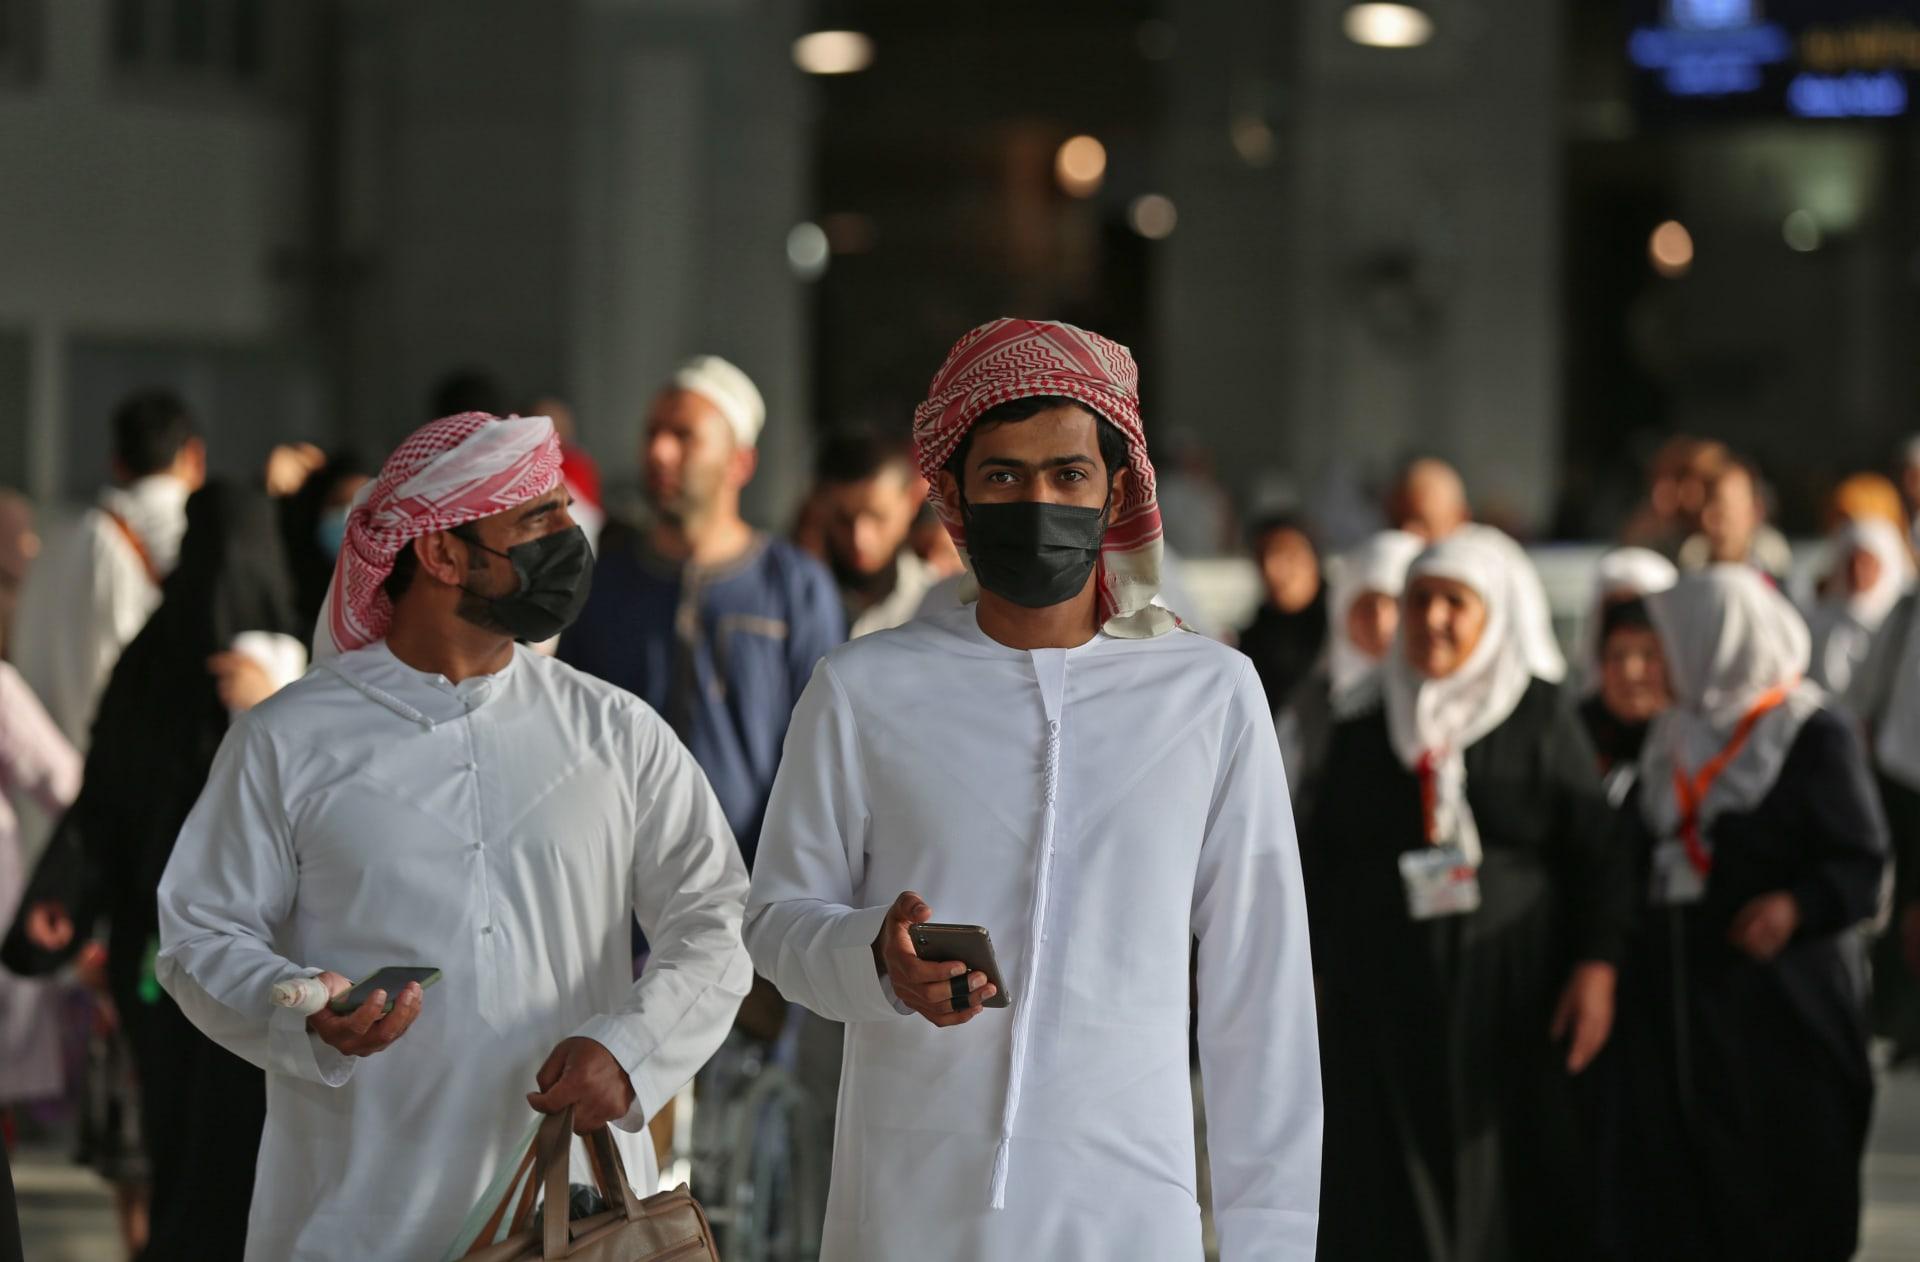 الصحة السعودية: لقاح كورونا مجاني ونطمح أن يغطي 70% من سكان المملكة بنهاية 2021